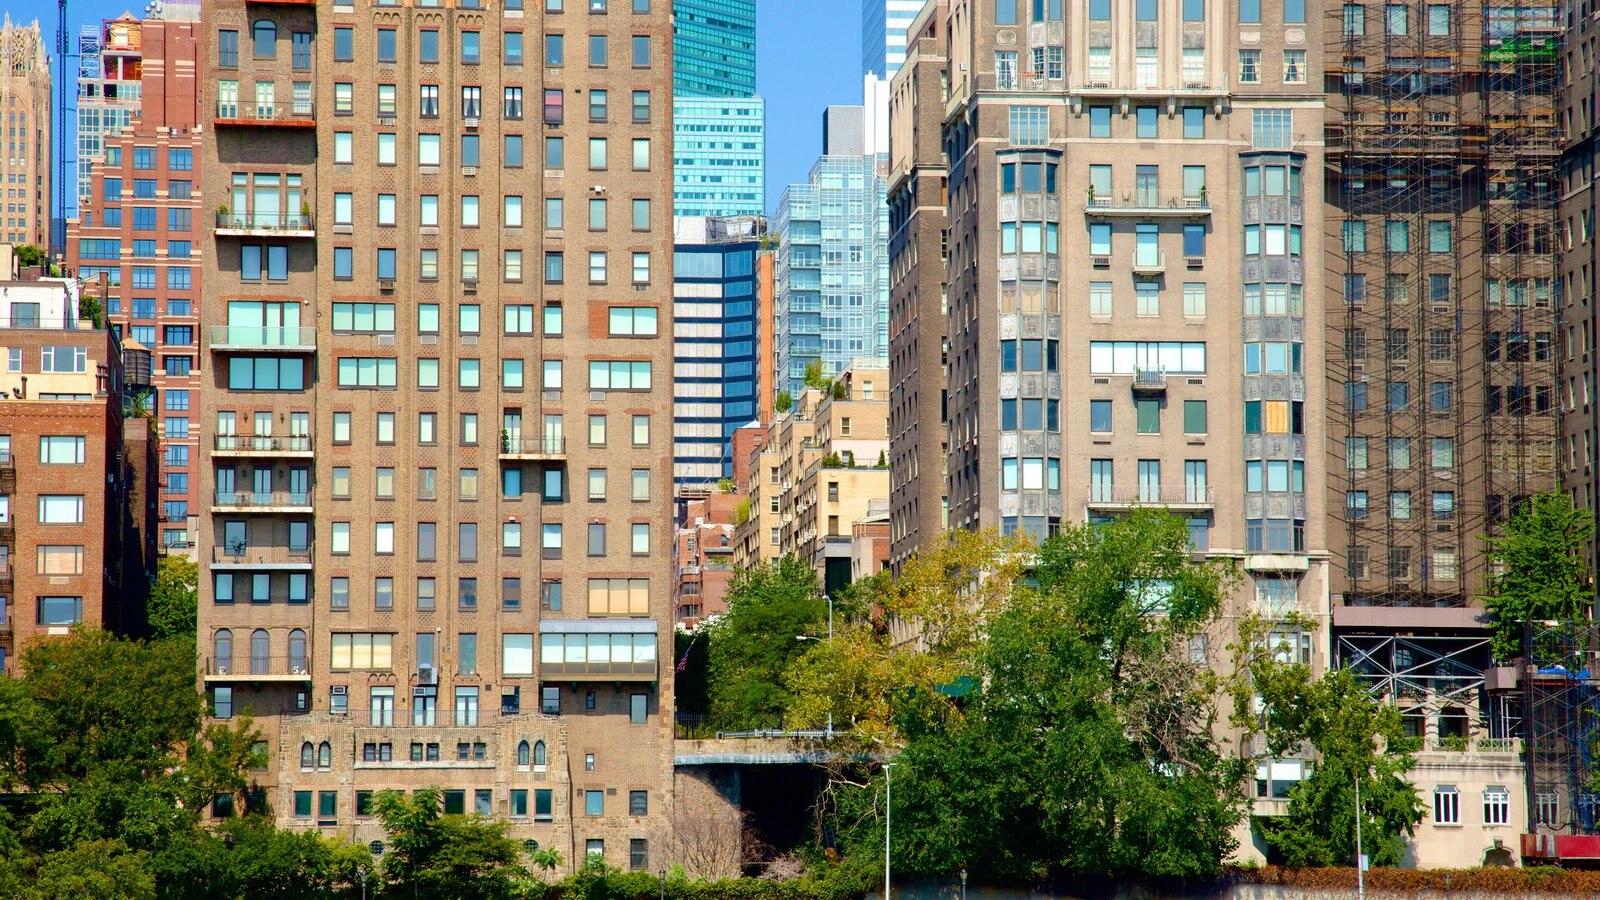 Midtown mostrando uma cidade